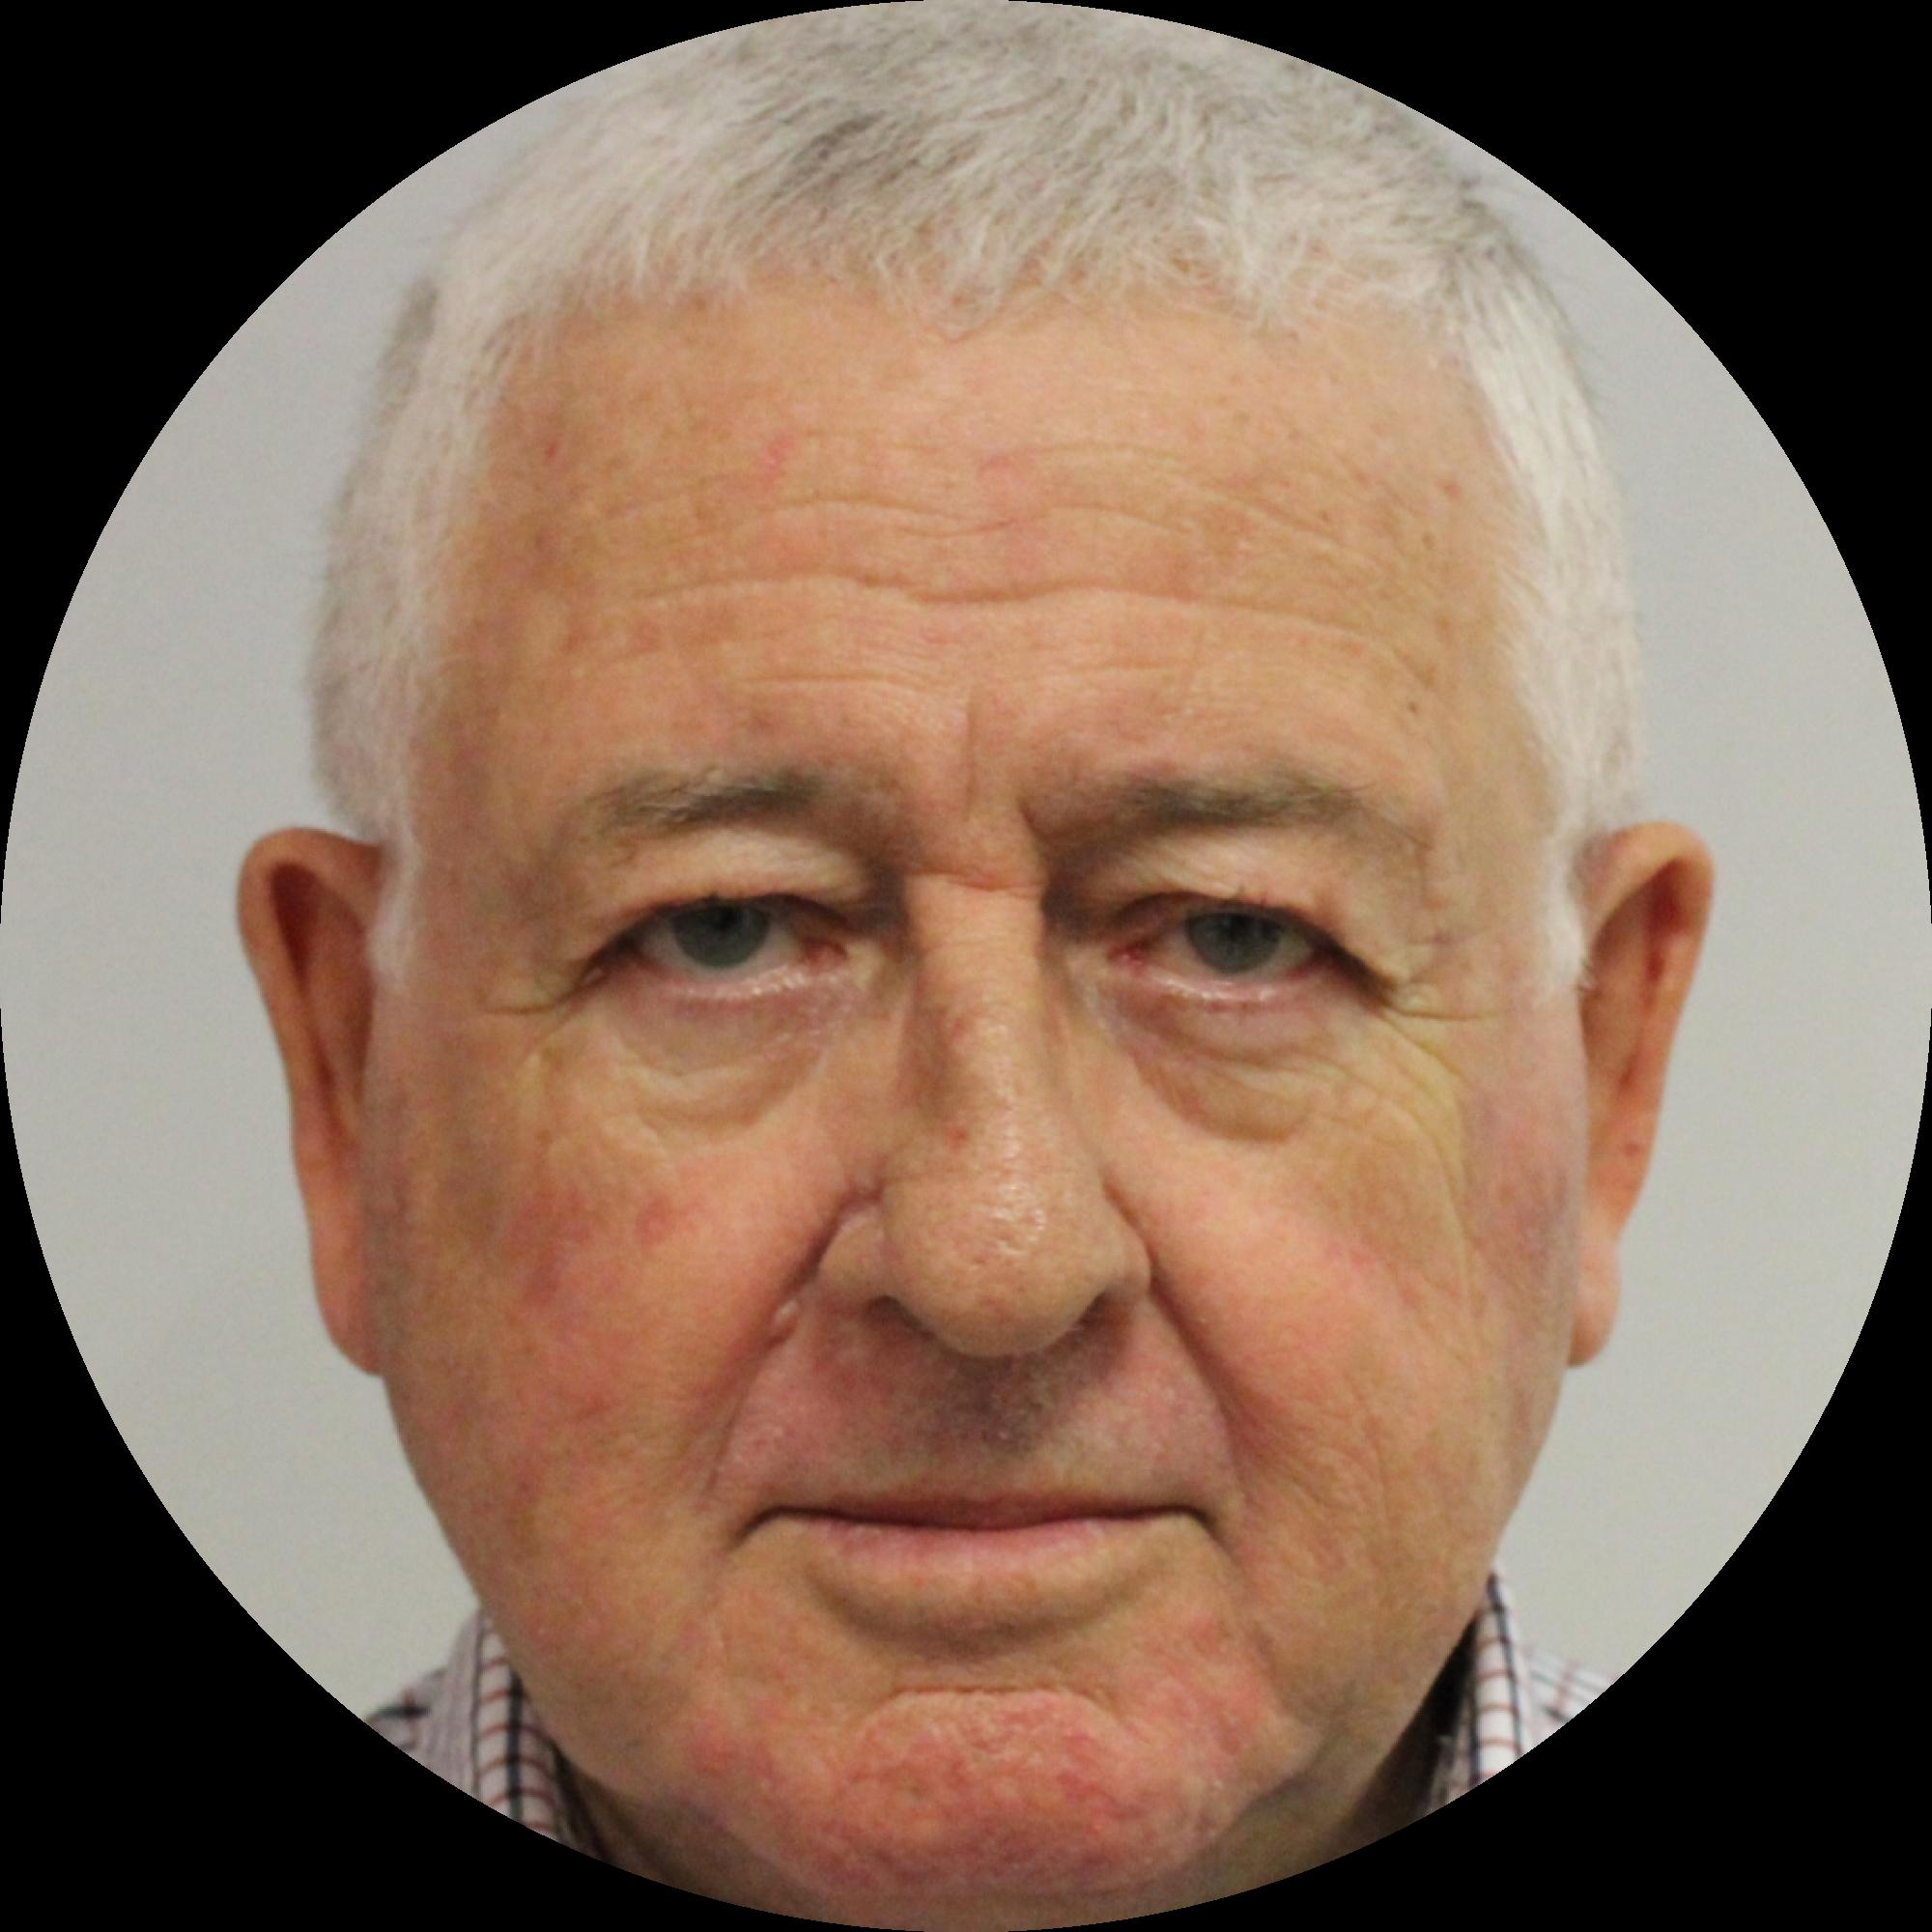 Mr. John Lee – Non-Executive Director